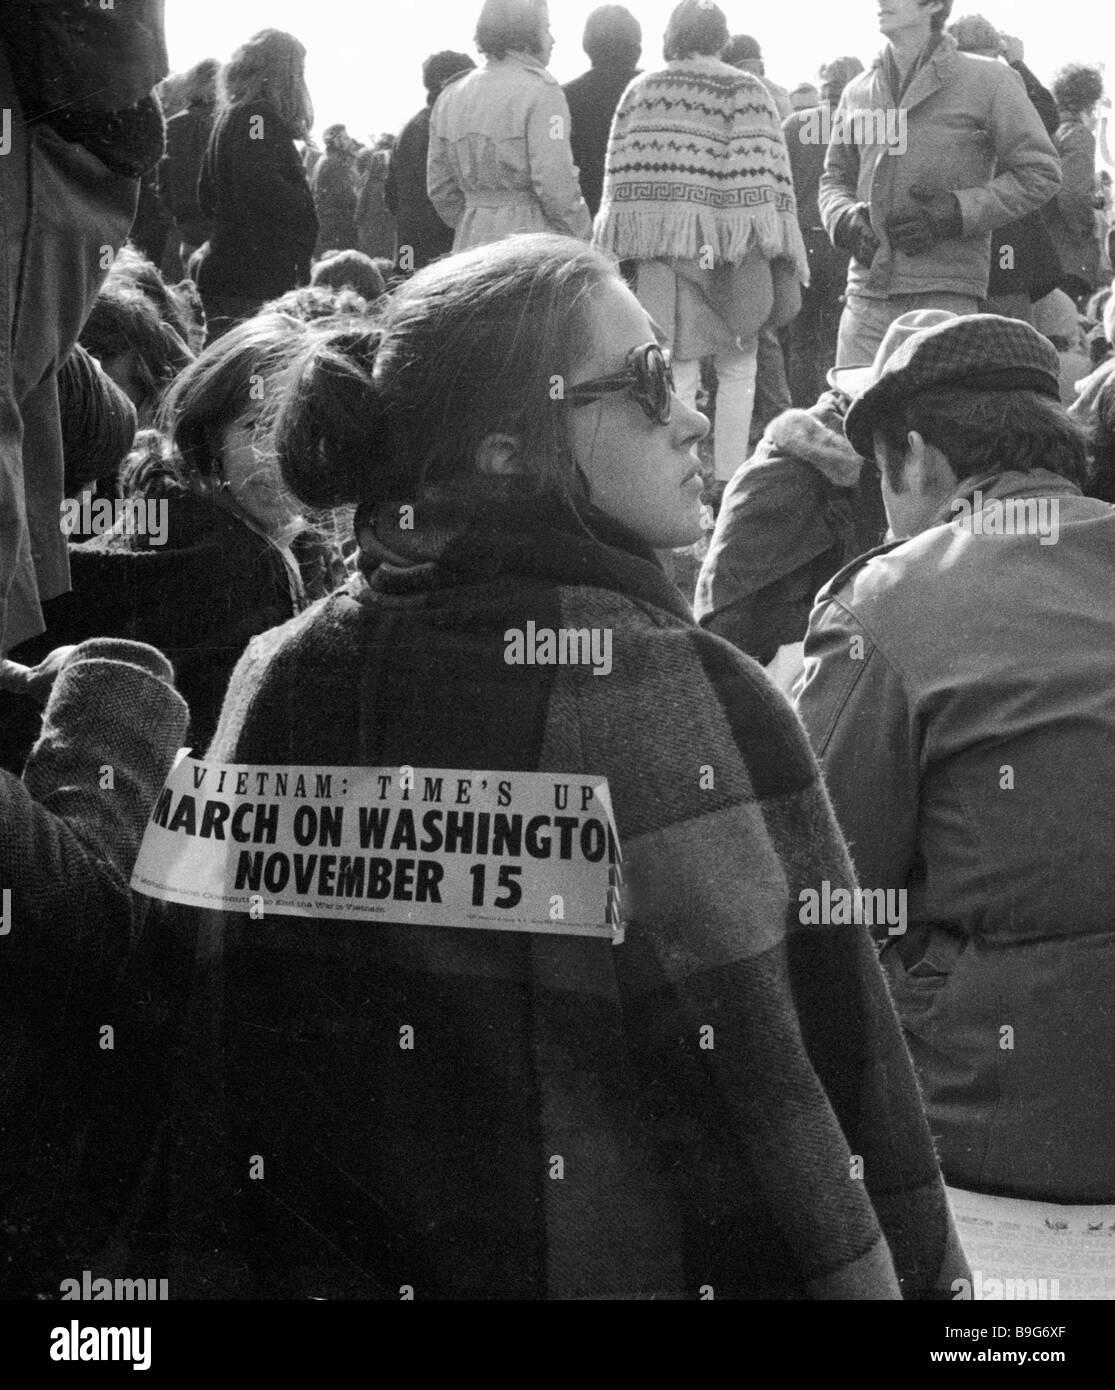 Parole sul retro di un partecipante ad un anti-guerra del Vietnam Vietnam rally del tempo a marzo su Washington Foto Stock